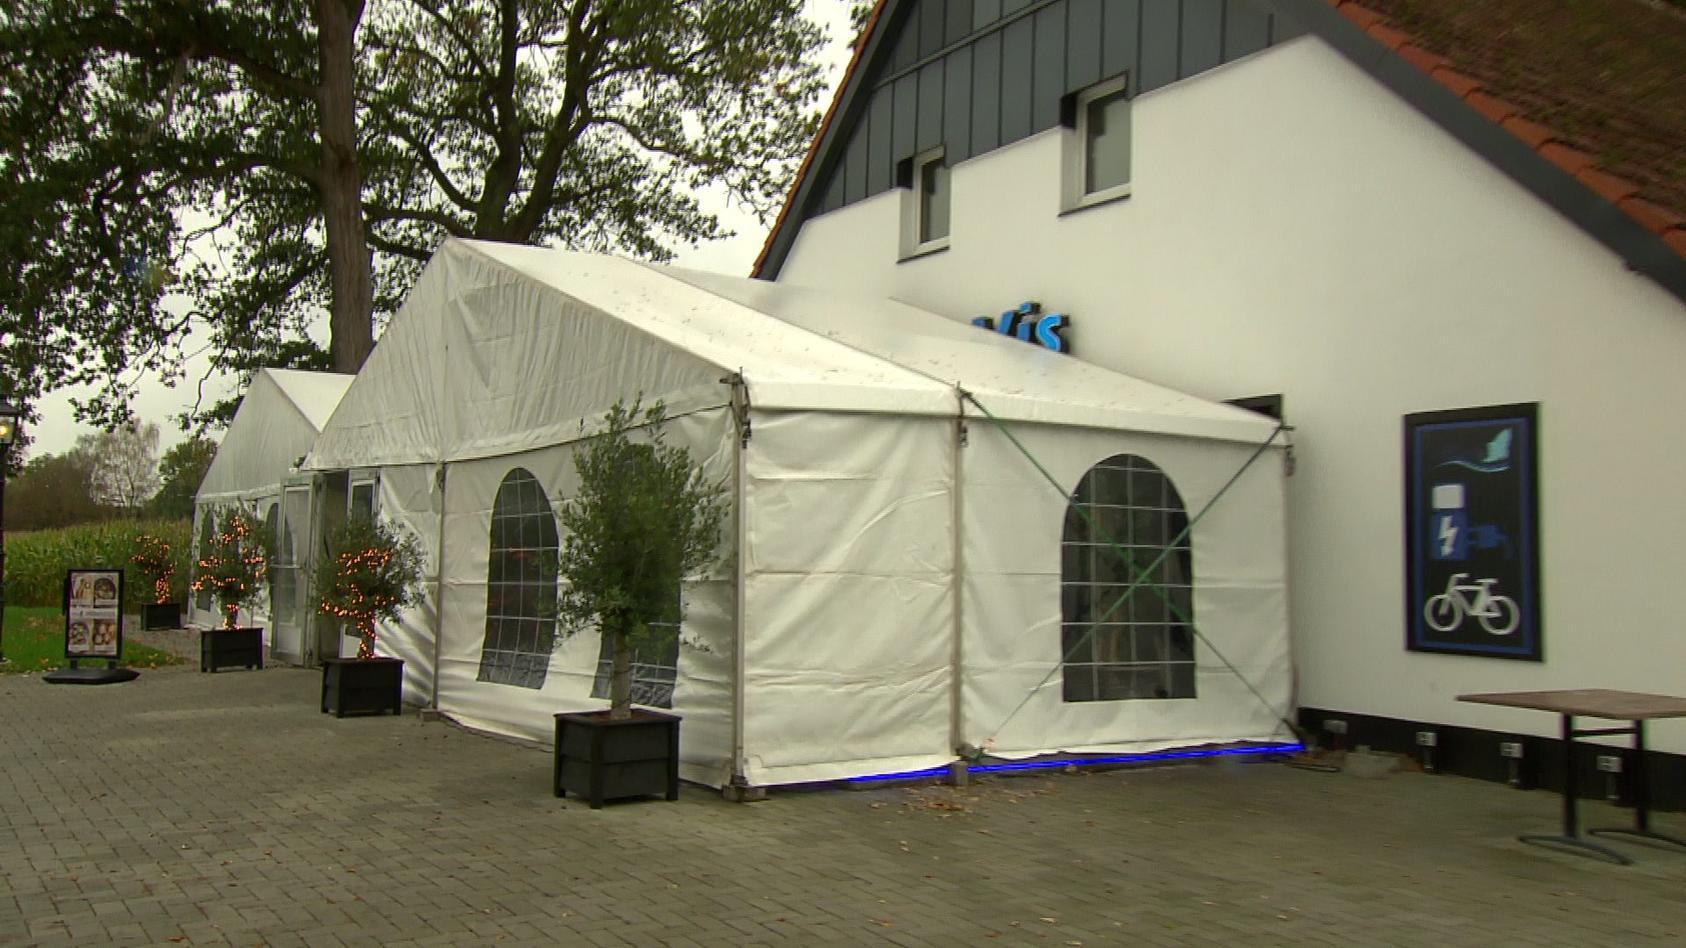 Niederländisches Restaurant serviert auf der deutschen Seite - auf der niederländischen Seite nimmt es Bestellungen auf 1